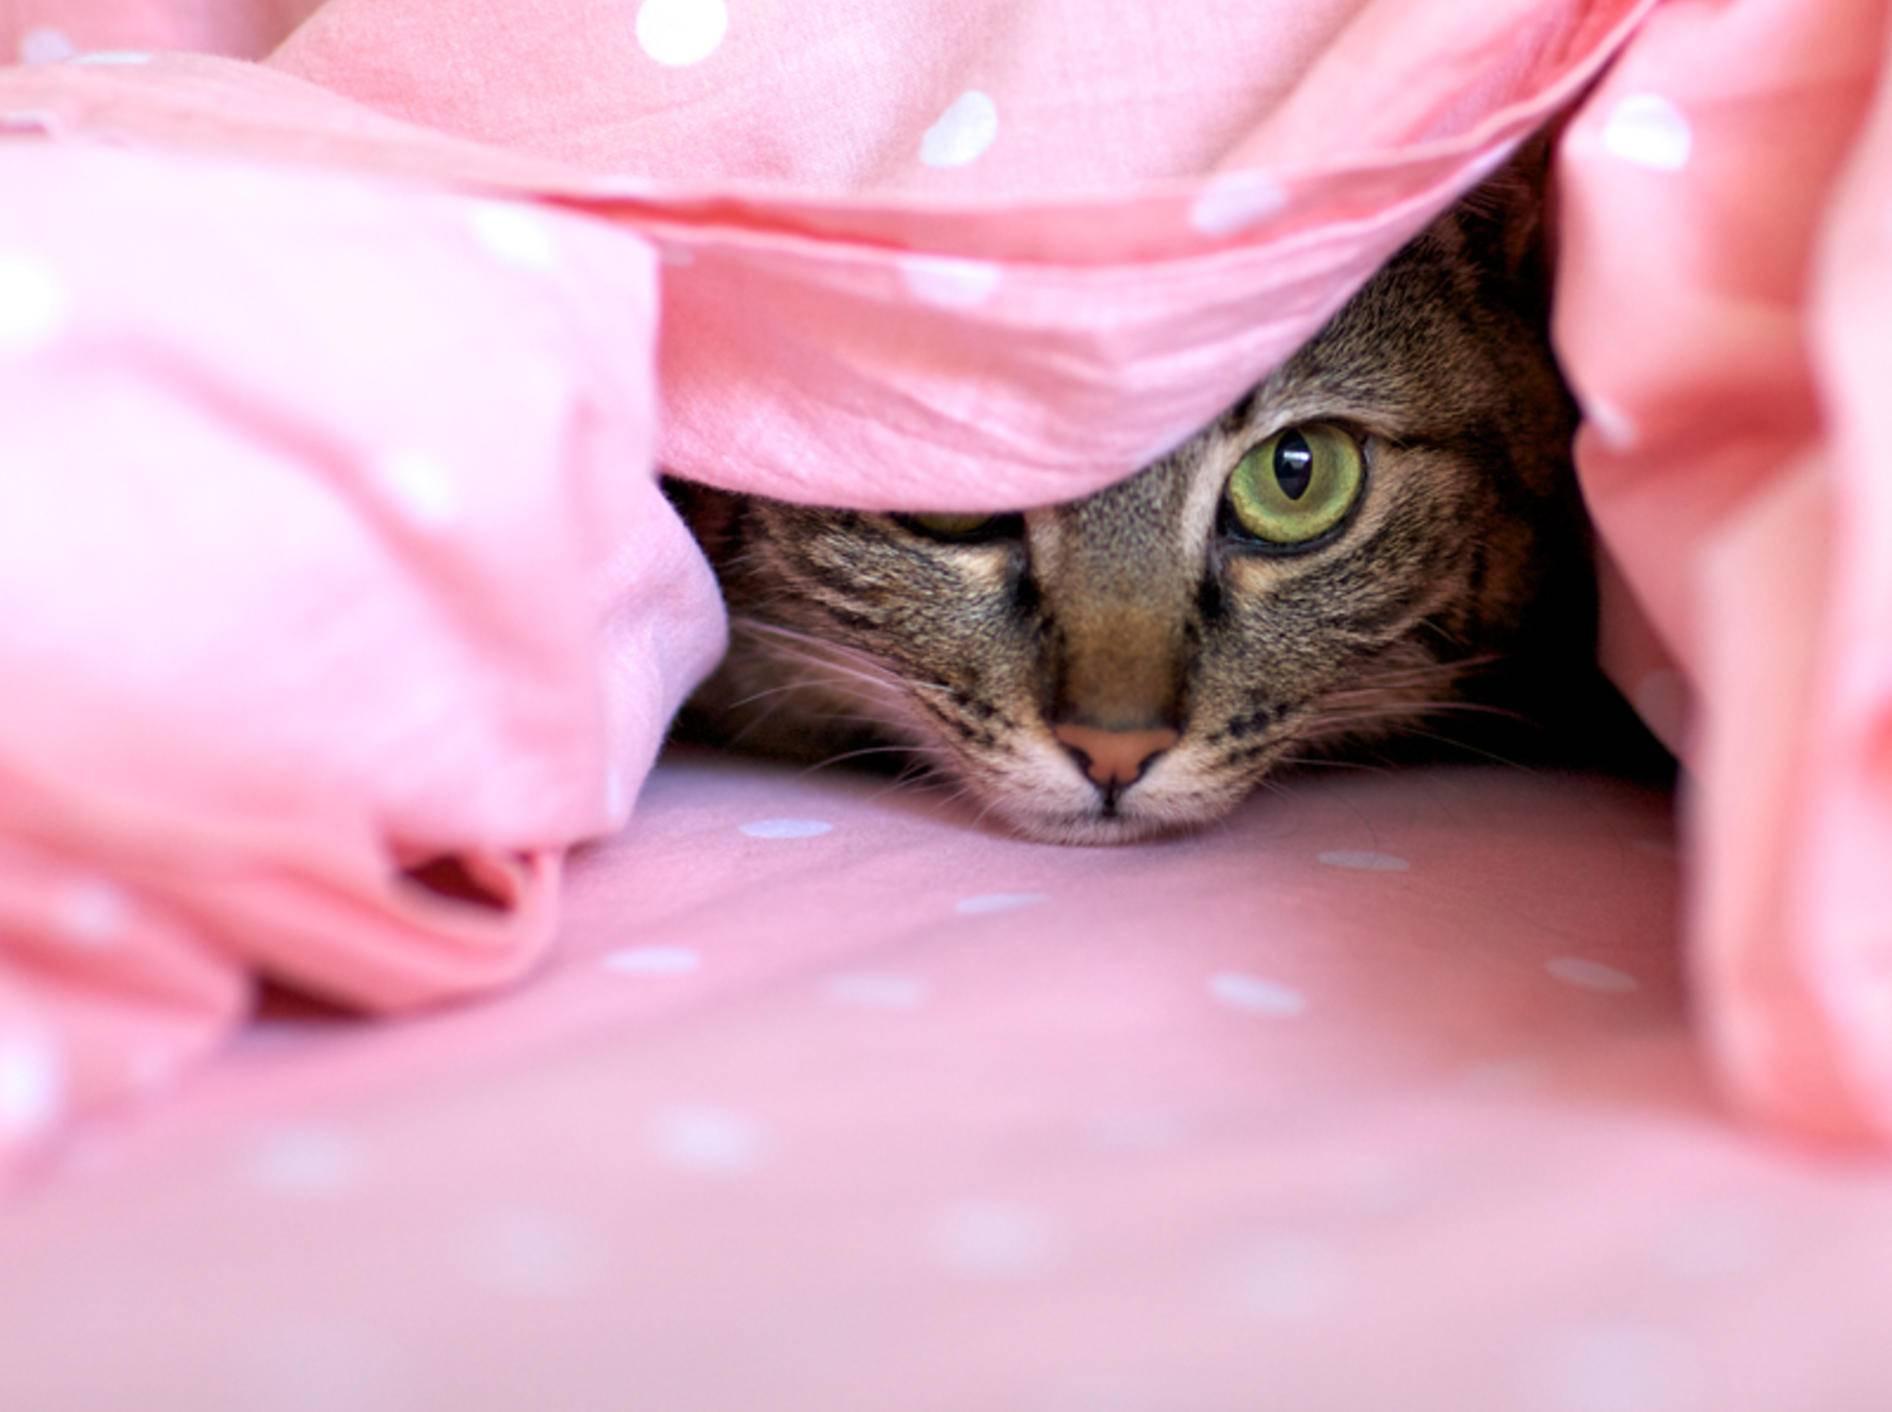 Nicht jede schüchterne Katze hat eine Angststörung – Shutterstock / Julie Vader